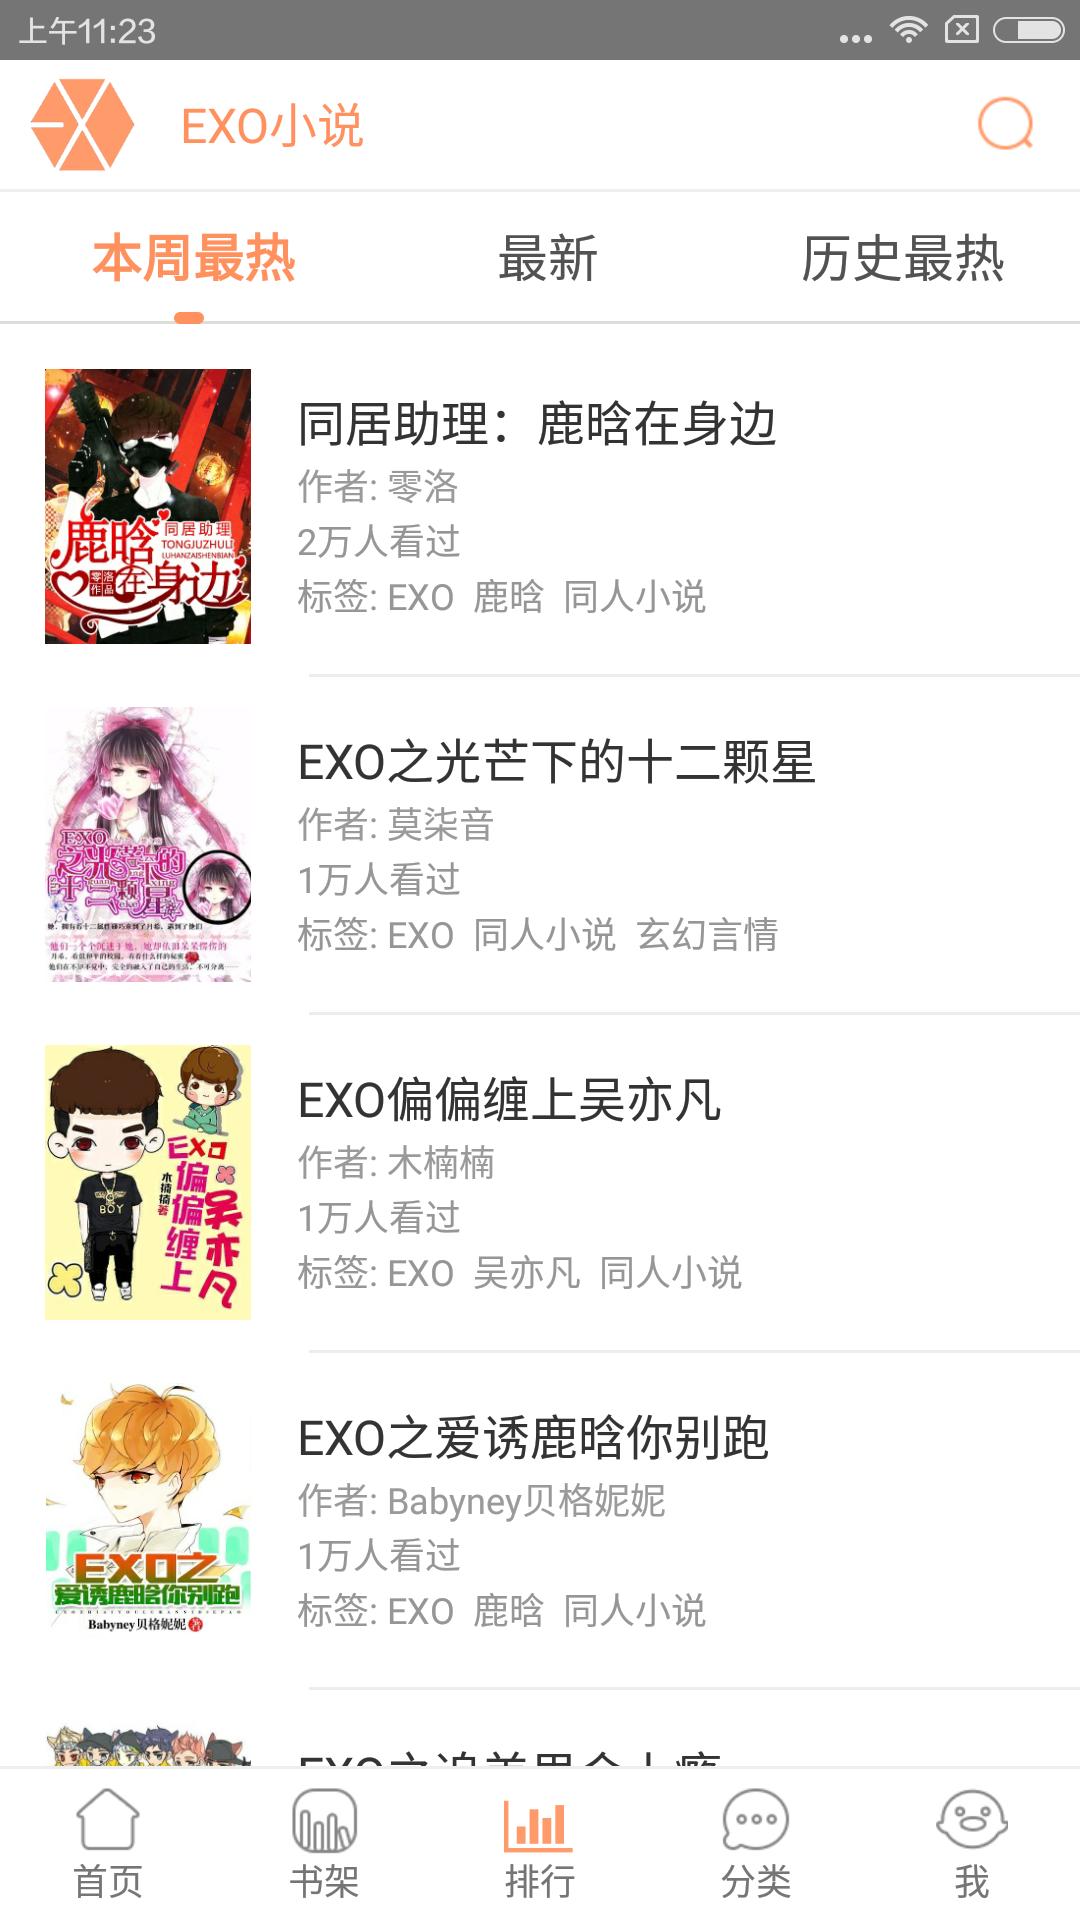 EXO小说